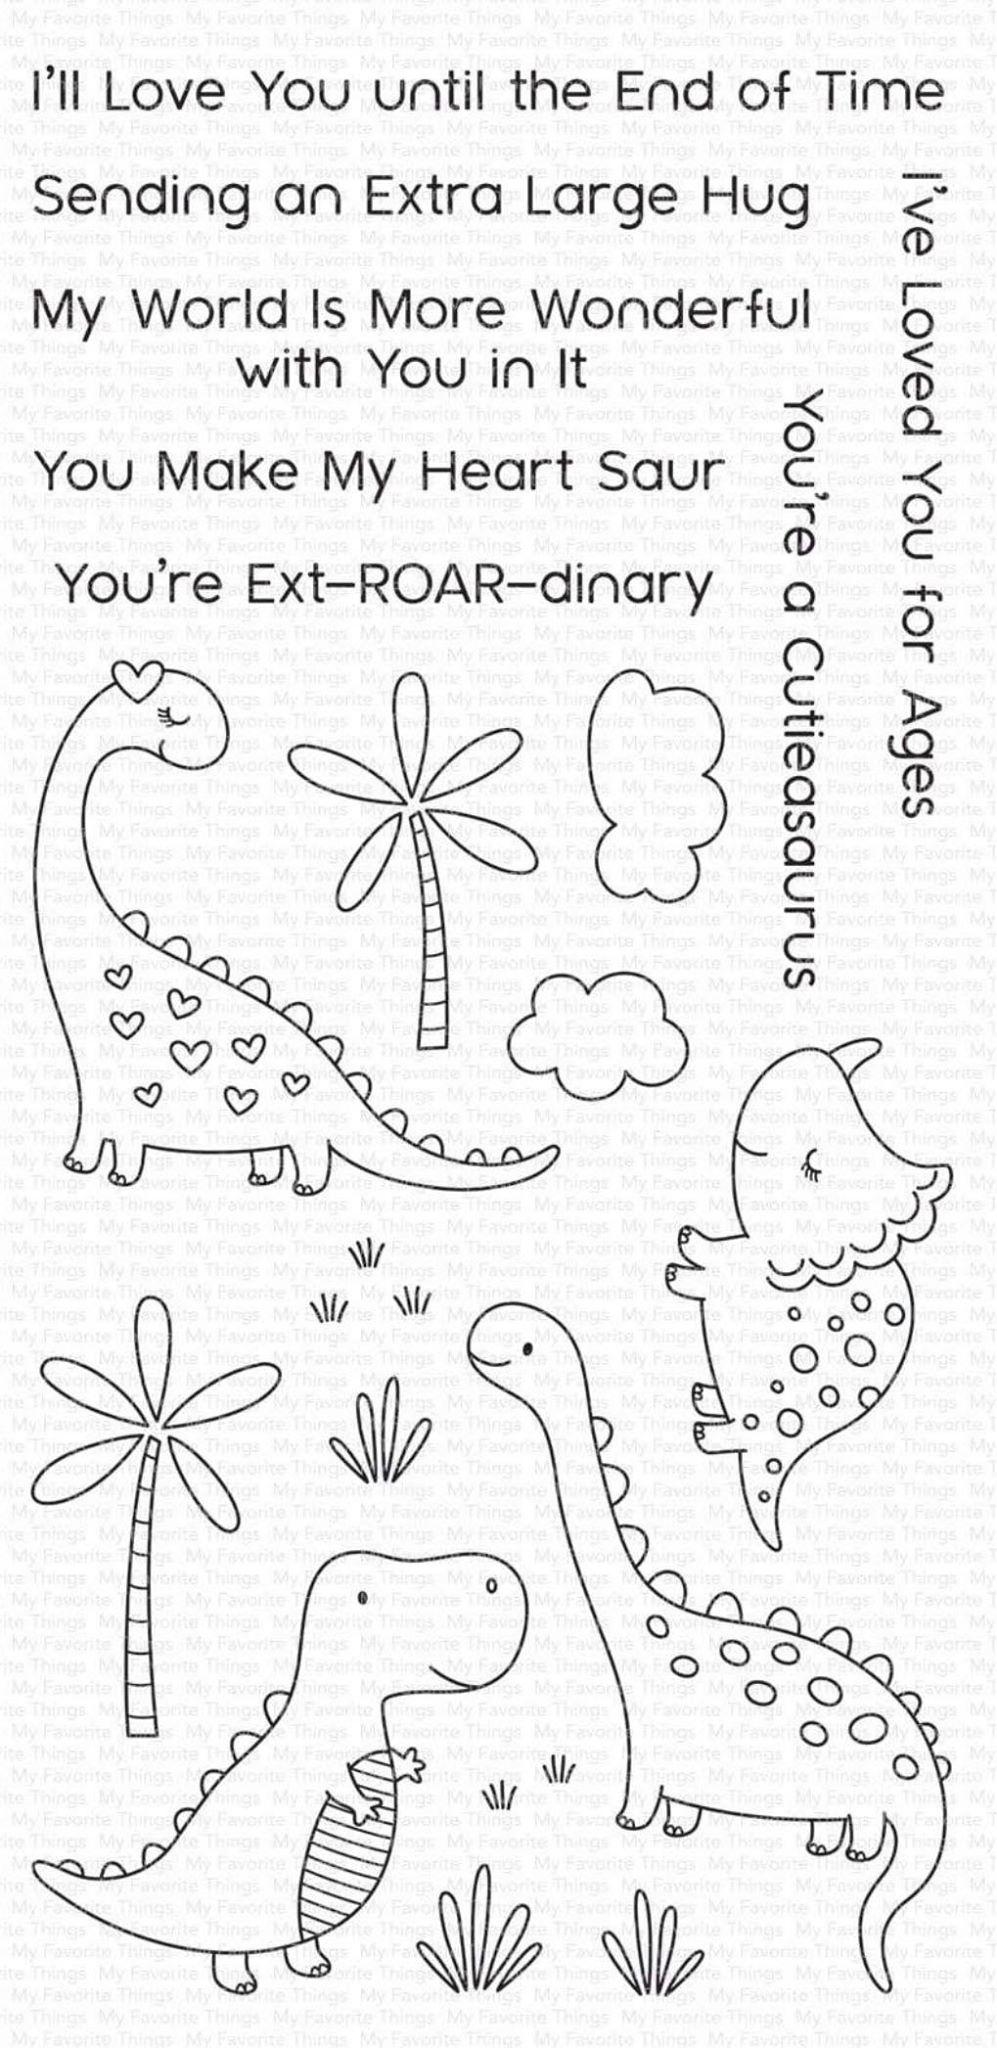 MFT - Cutiesaurus Stamp and Die Combo Set